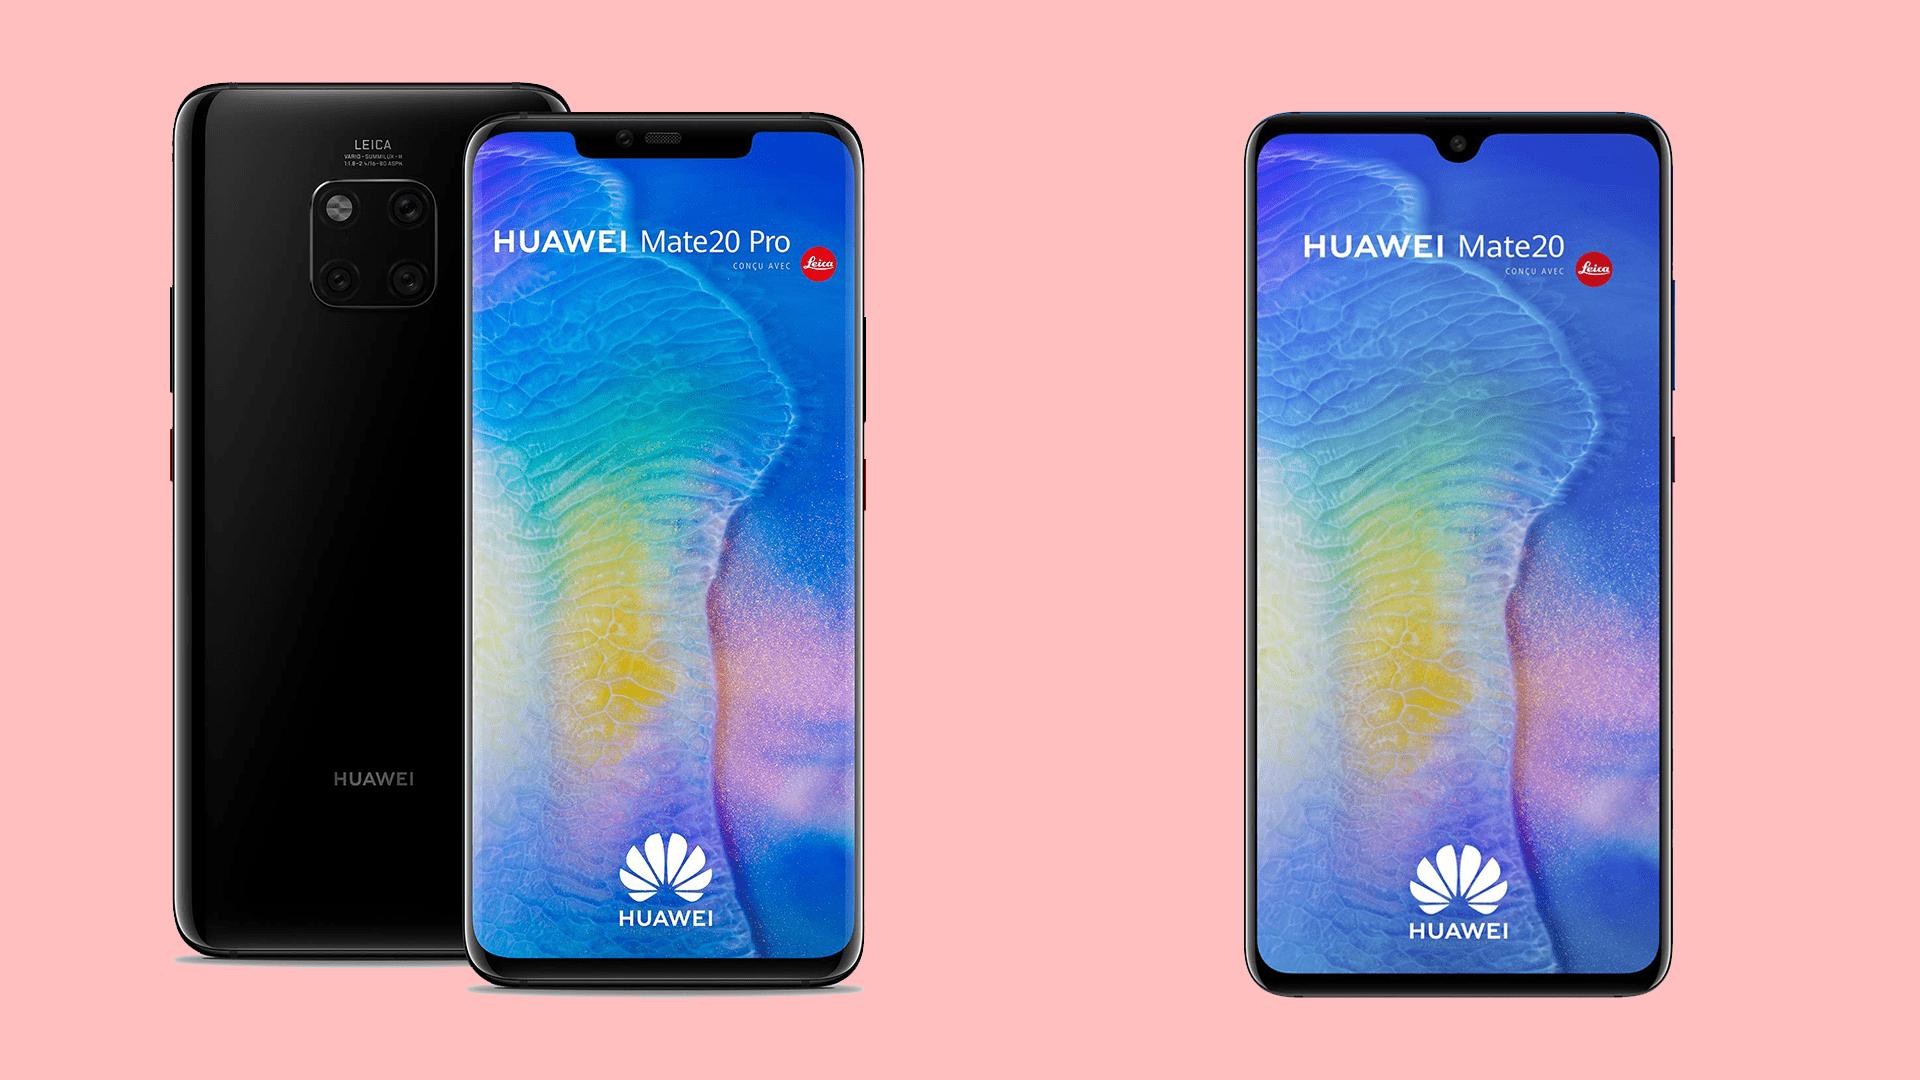 Où acheter les Huawei Mate 20 et Mate 20 Pro au meilleur prix en 2020 ?